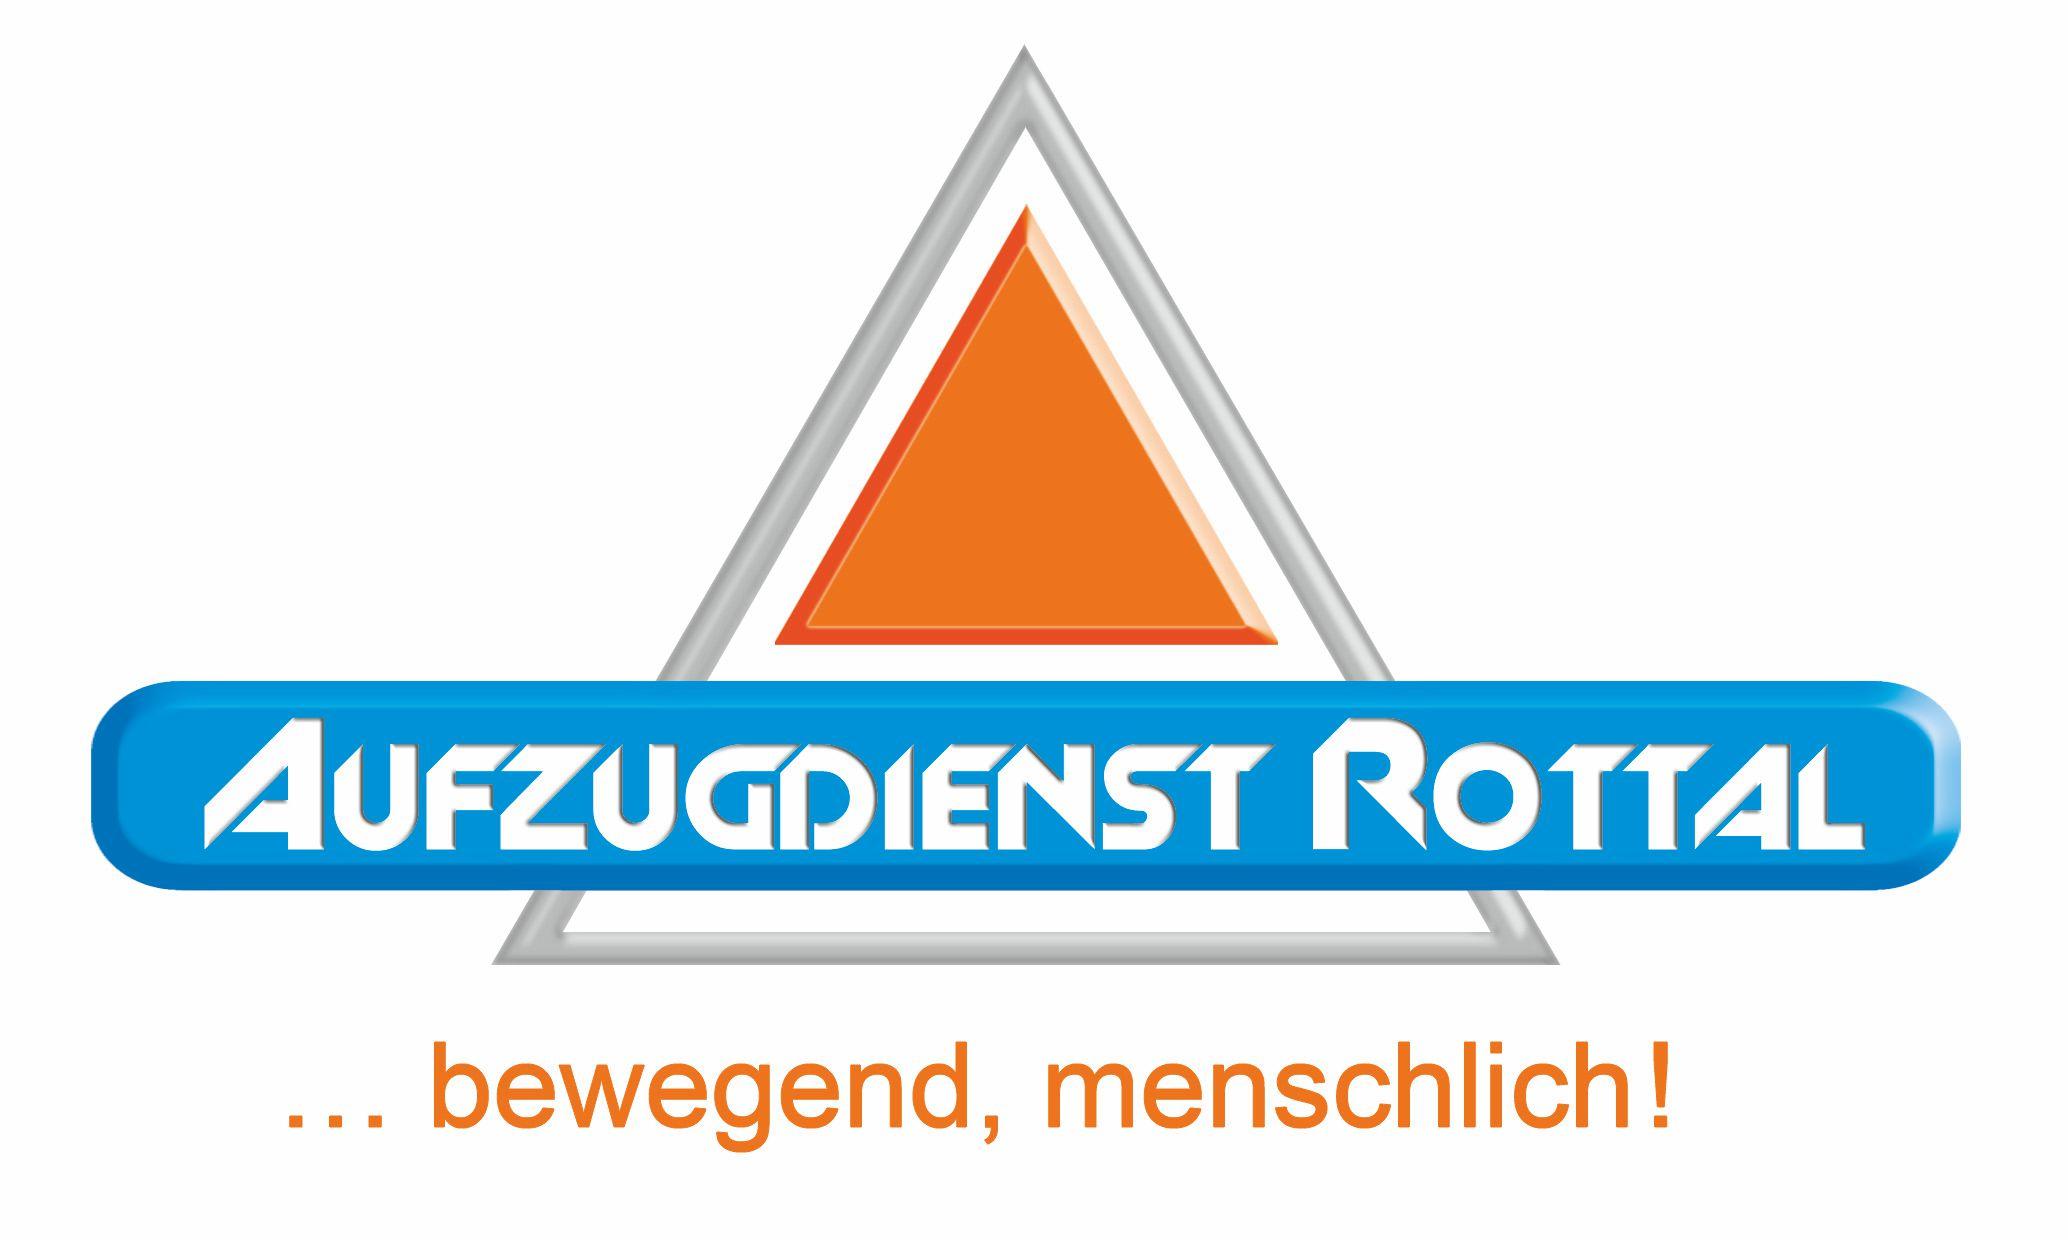 Biller Aufzugdienst Rottal GmbH